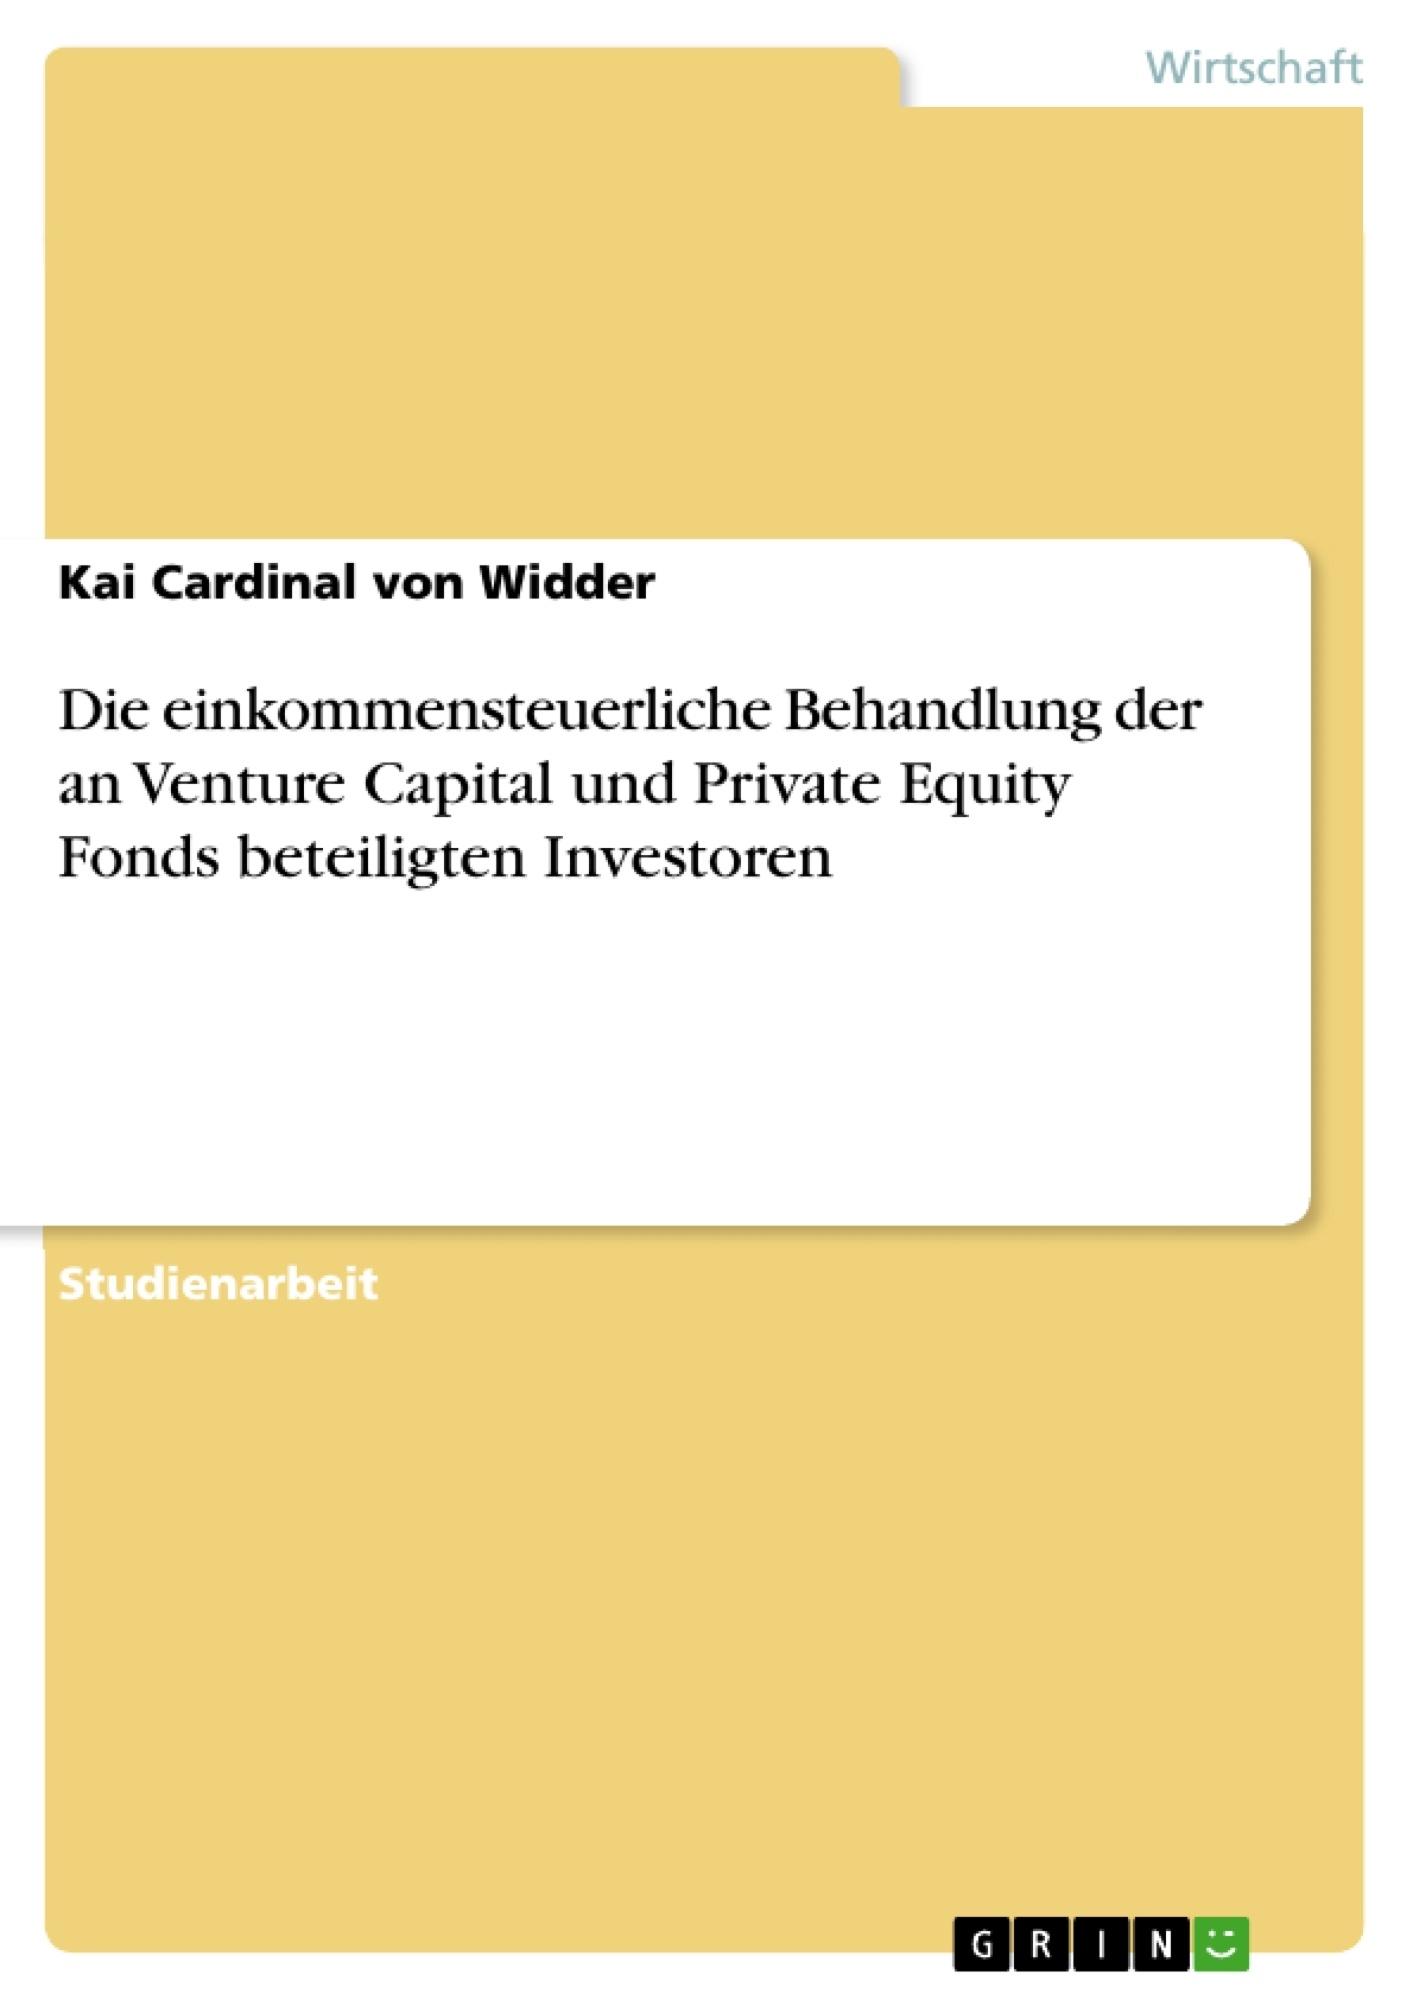 Titel: Die einkommensteuerliche Behandlung der an Venture Capital und Private Equity Fonds beteiligten Investoren